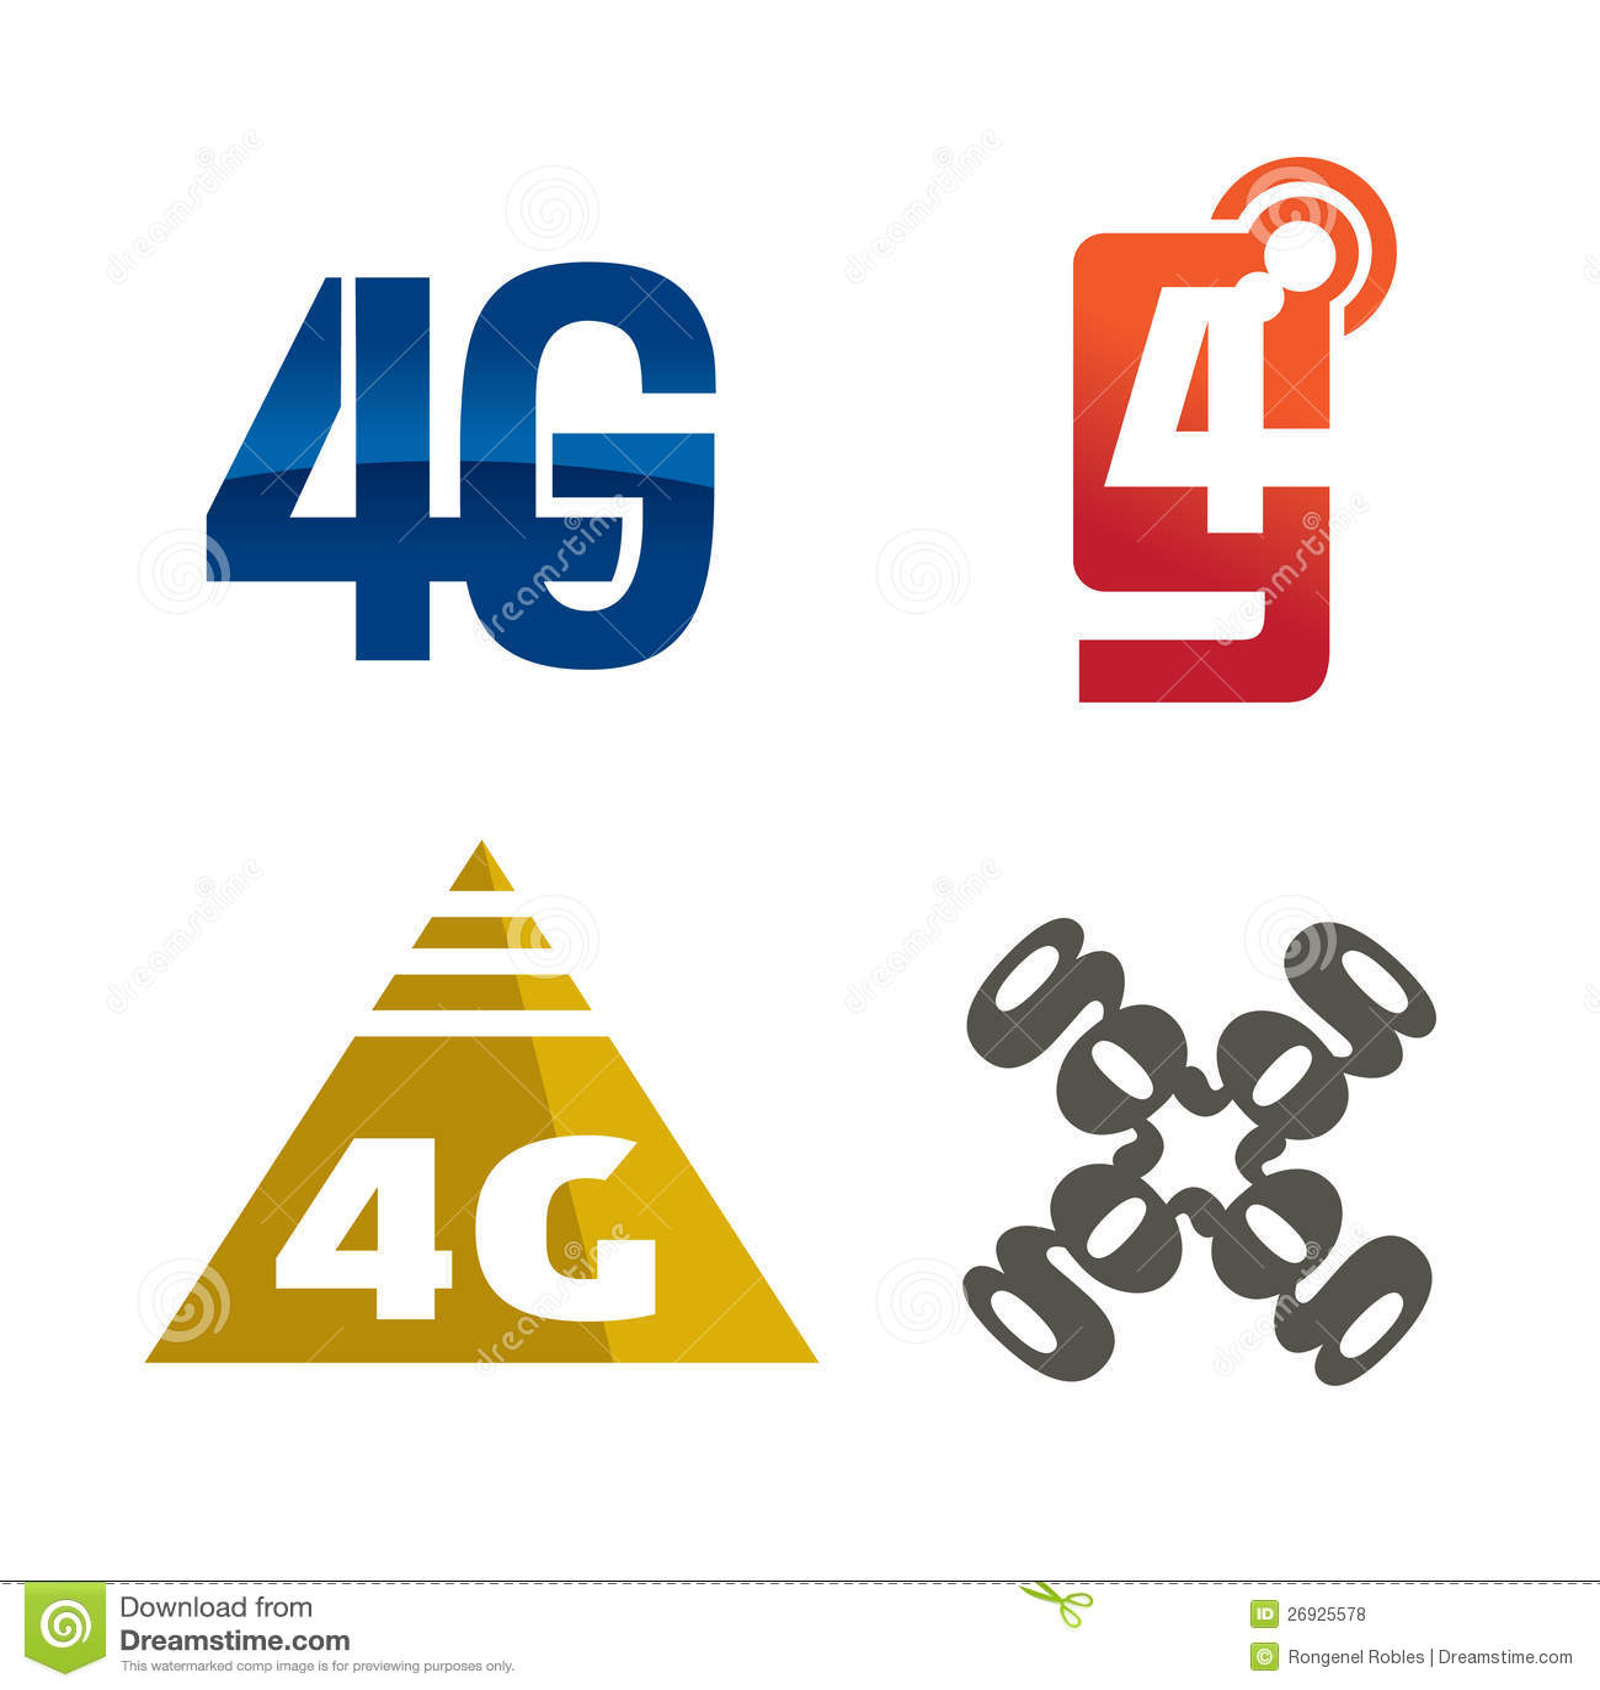 4g logo icon stock illustration image of generation